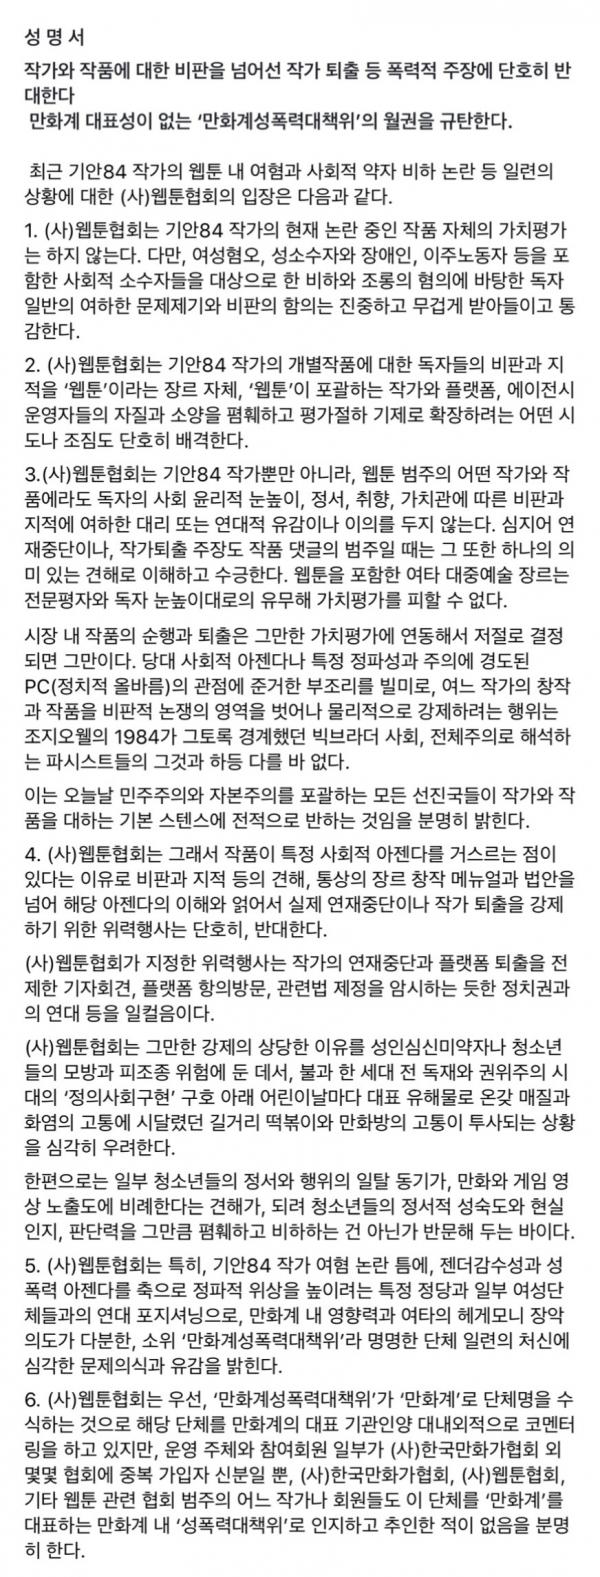 (사)웹툰협회는 24일 공식 페이스북을 통해 성명문을 발표했다. ⓒ웹툰협회 캡처